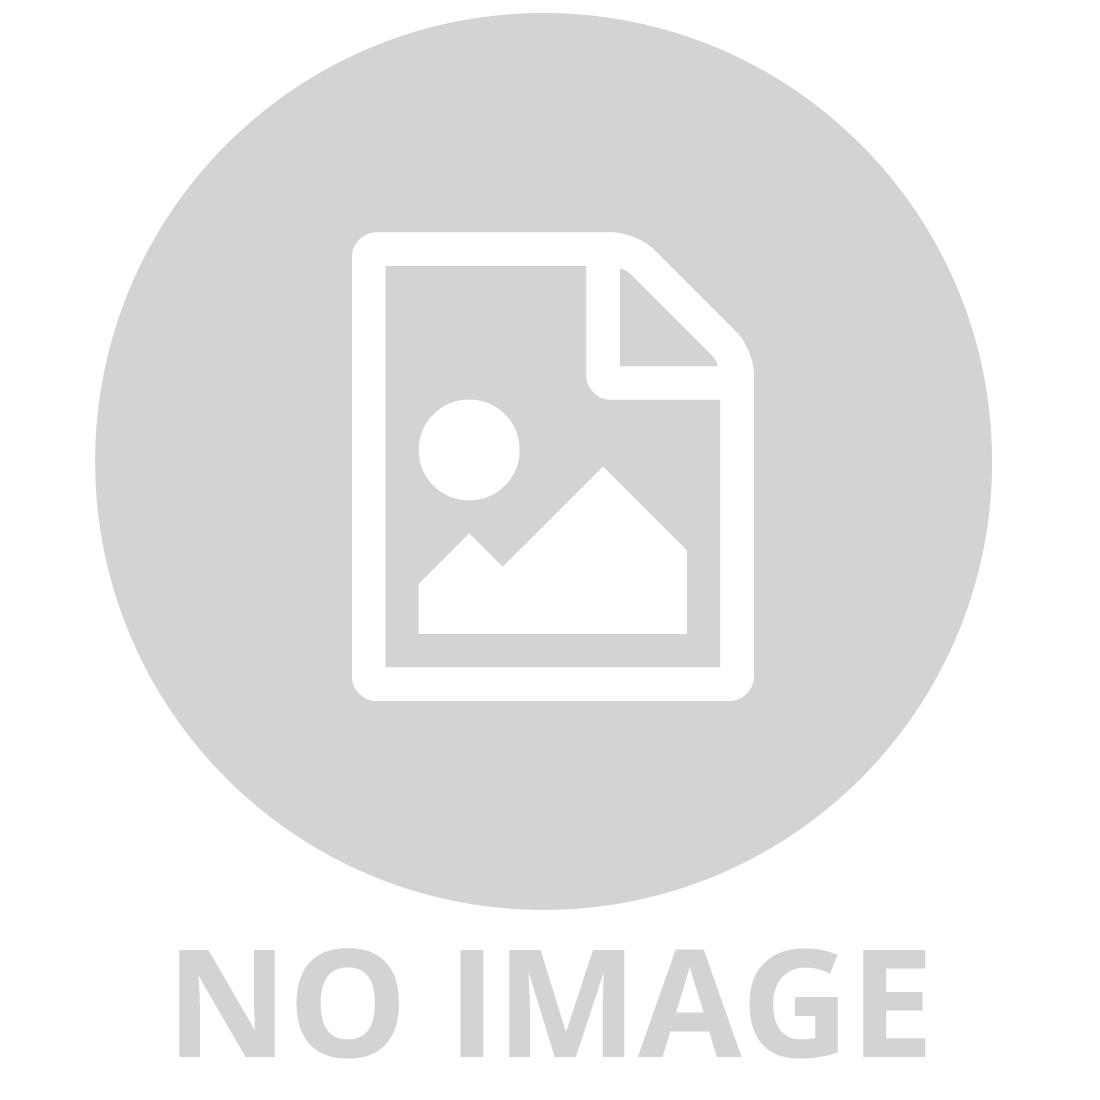 WWE CHAMPIONSHIP TITLE BELT WWE CHAMPIONSHIP